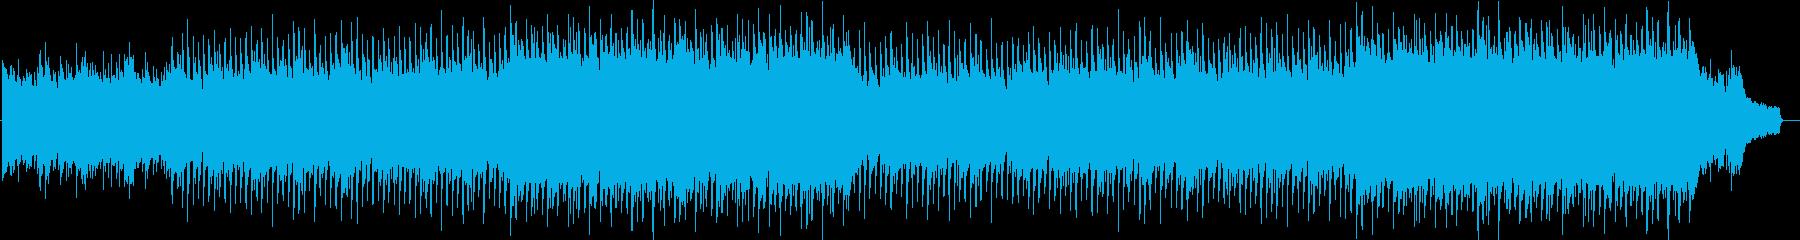 企業VP系64、爽やかピアノ、4つ打ちaの再生済みの波形